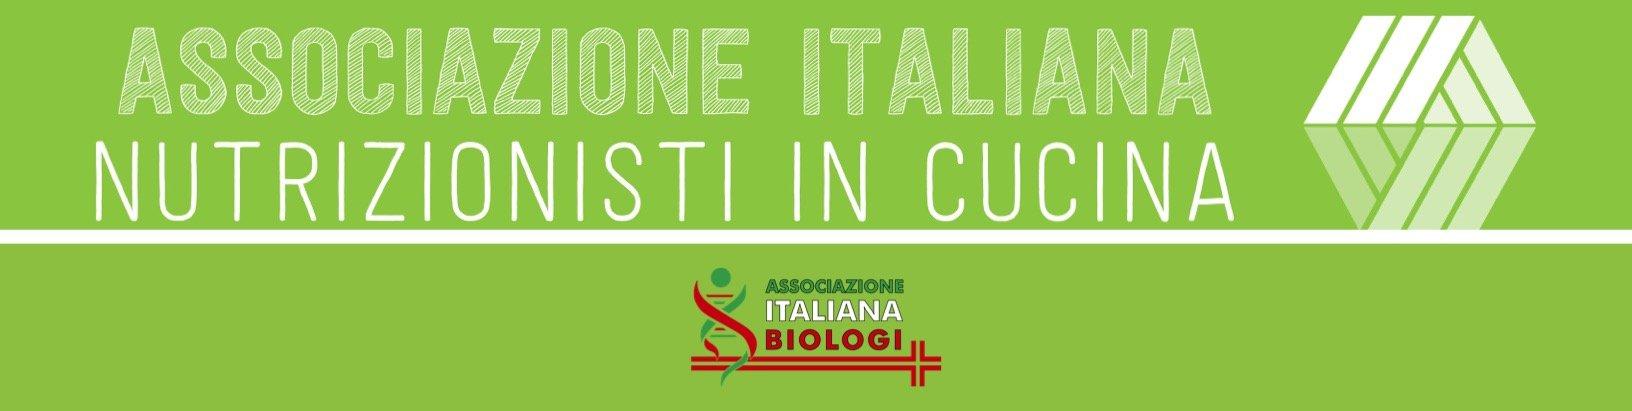 Associazione Italiana Nutrizionisti in Cucina